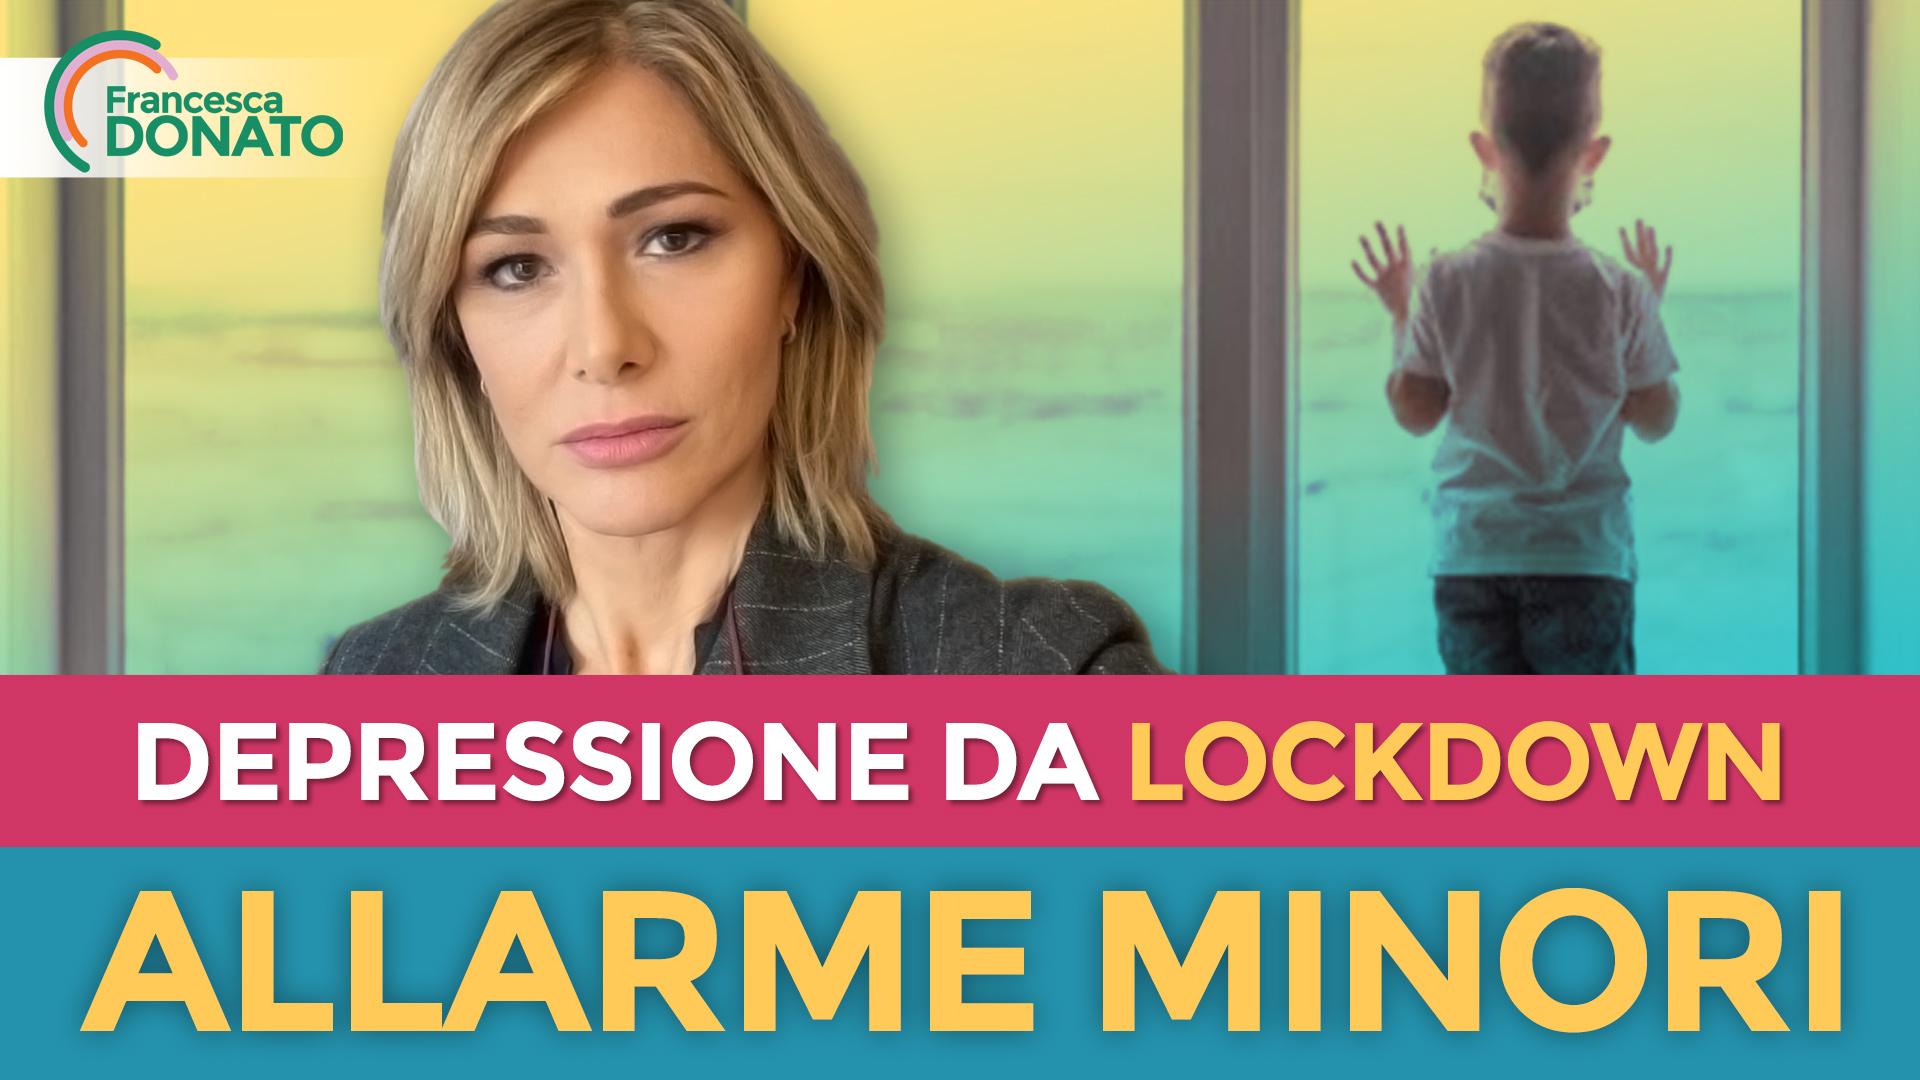 Depressione da lockdown: allarme minori